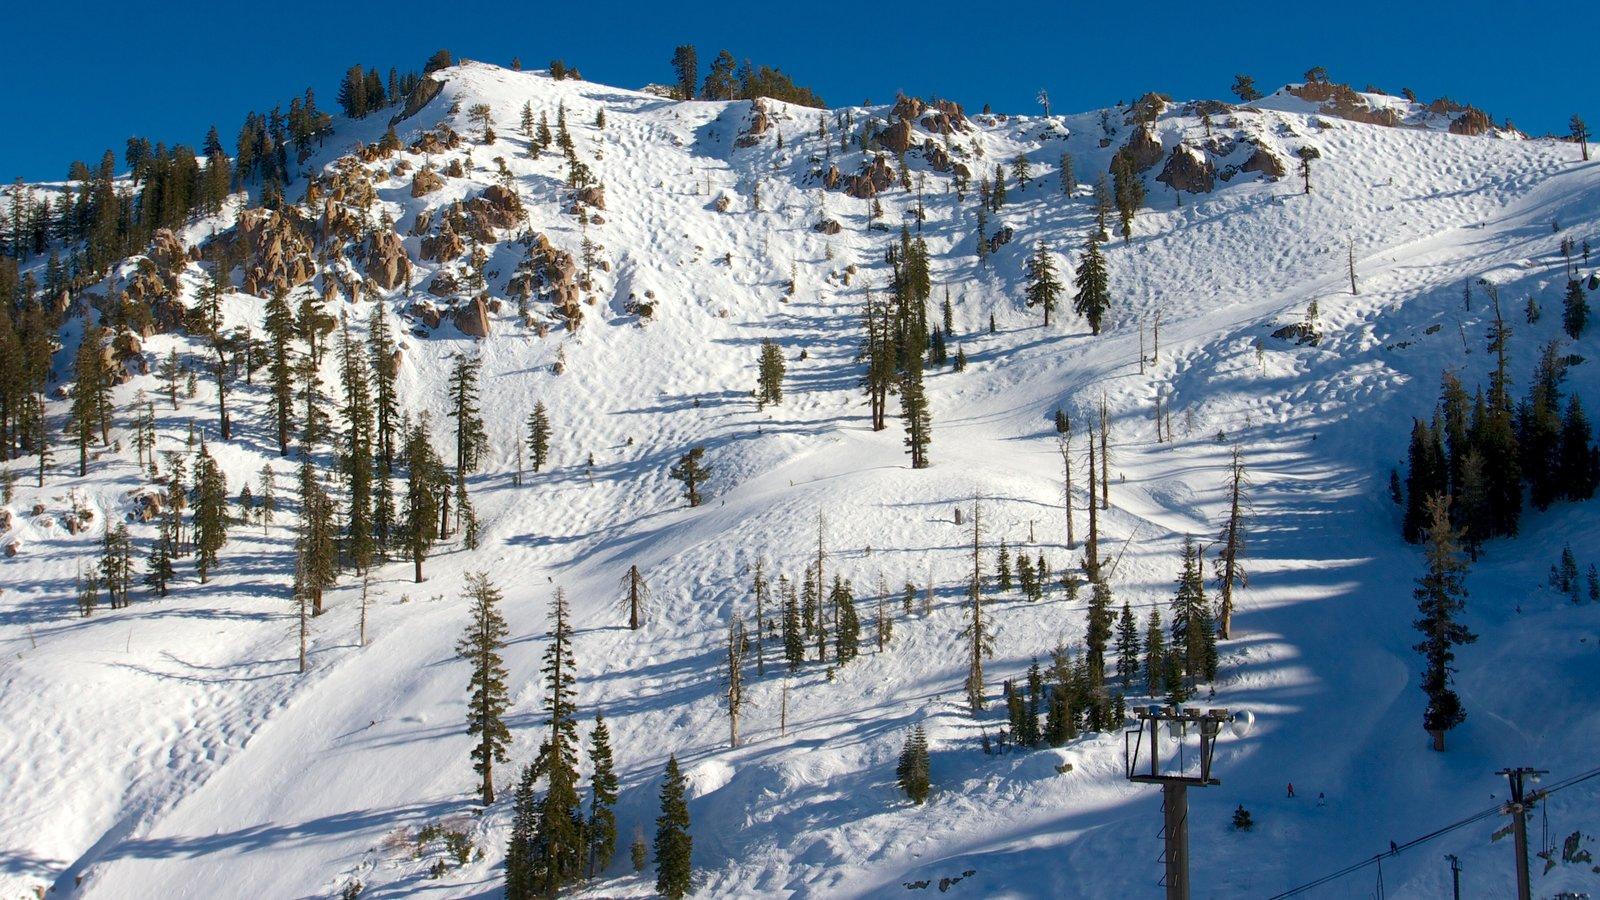 Squaw Valley Resort mostrando nieve, montañas y vistas de paisajes